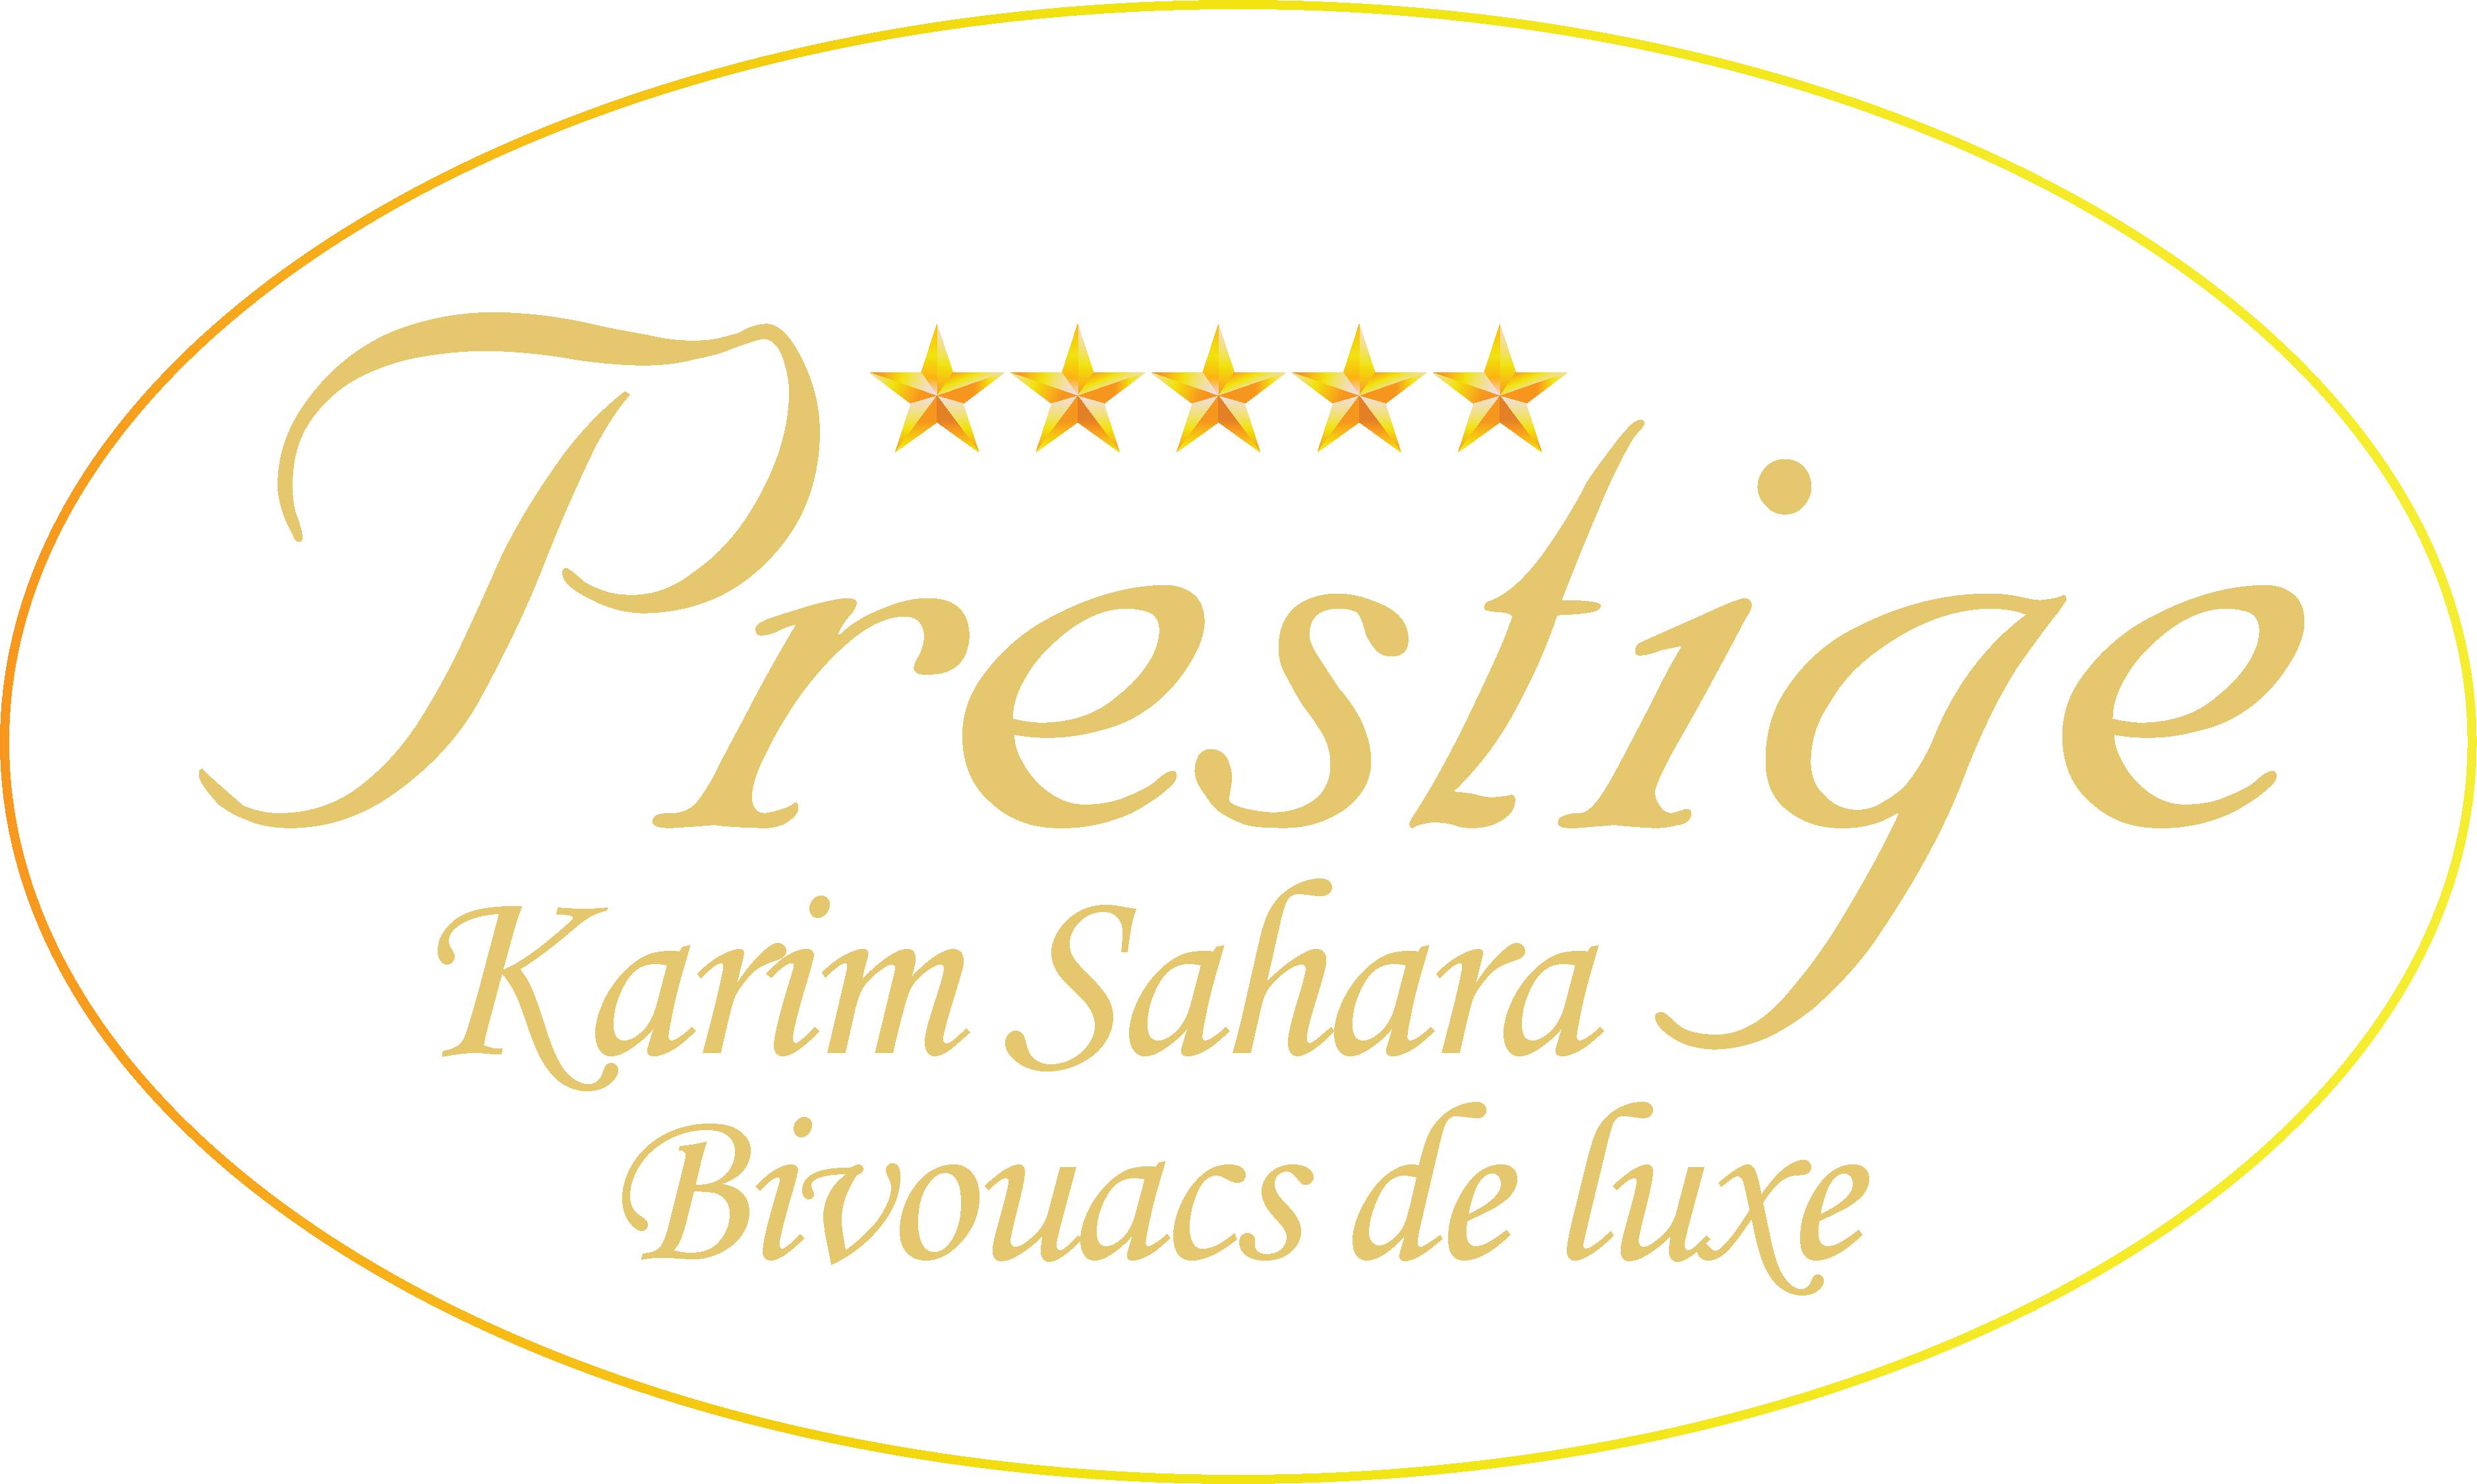 Karim Sahara Prestige